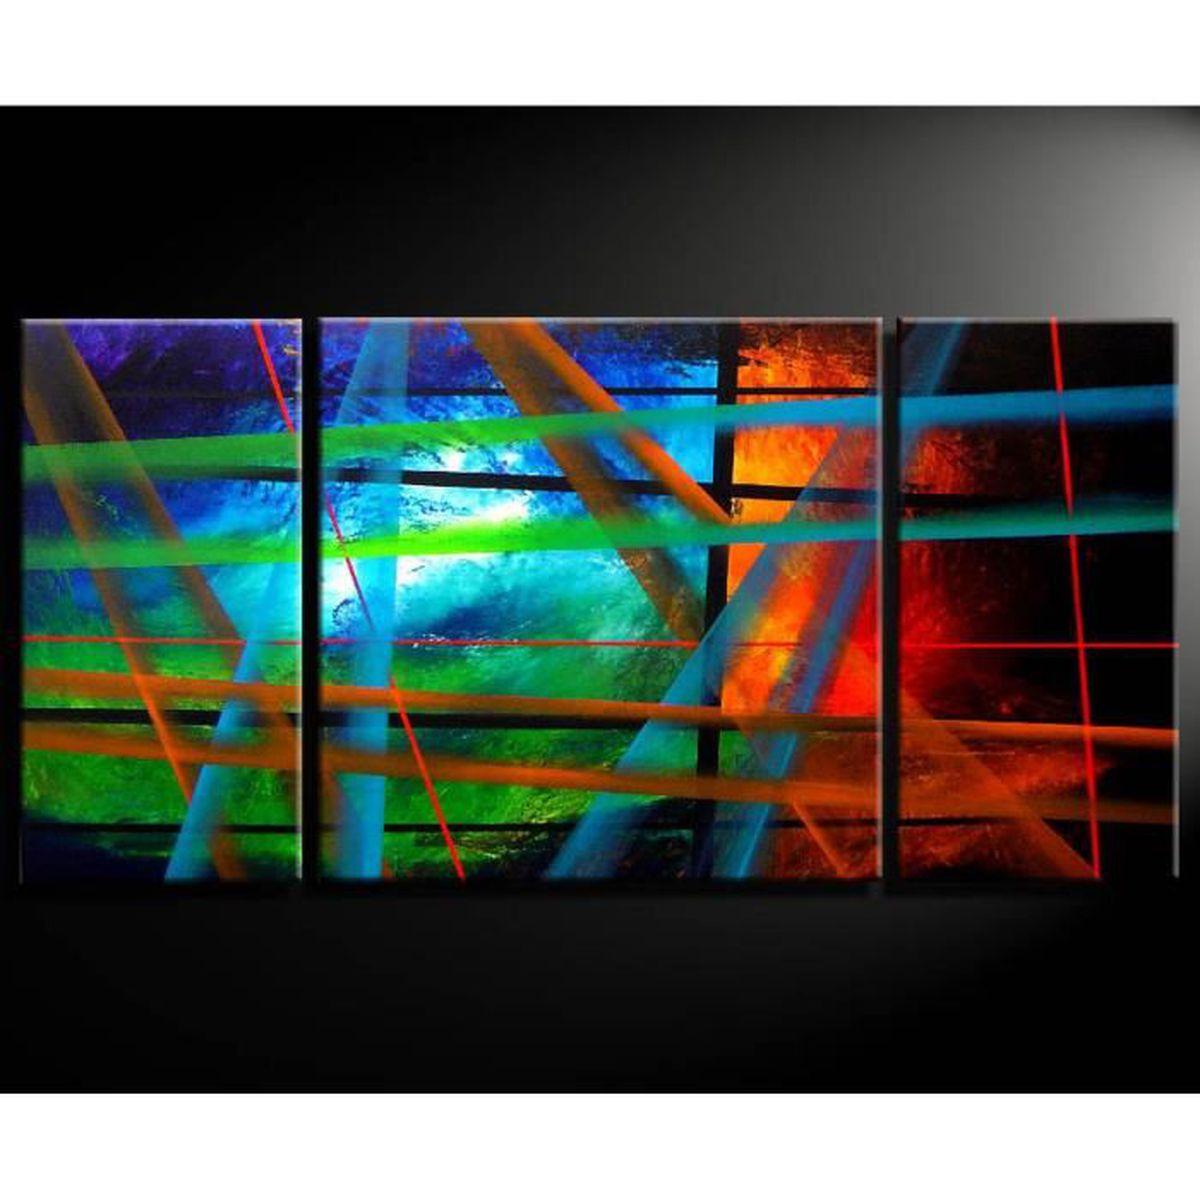 tableau d co tableau toile tableau triptyque d co mur tableaux zen cadeaux d co amazonie 3d. Black Bedroom Furniture Sets. Home Design Ideas